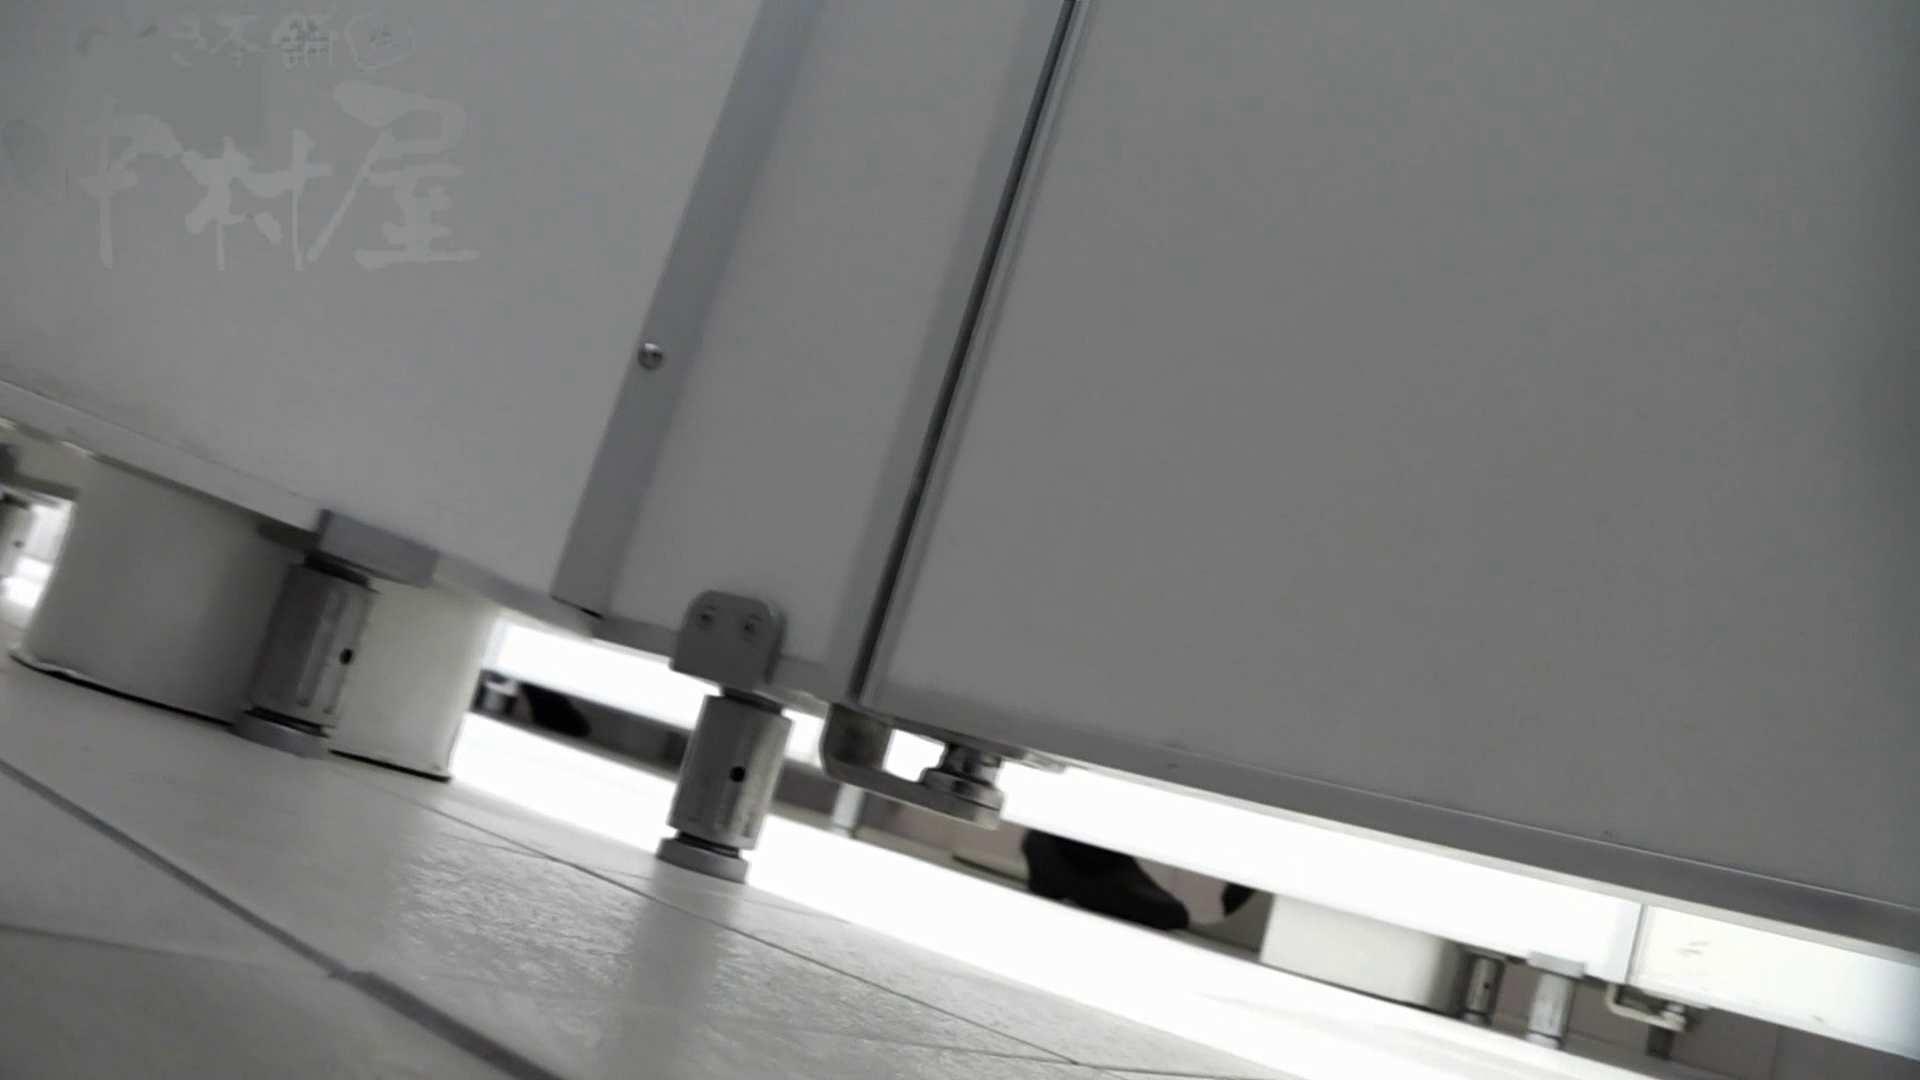 美しい日本の未来 No.06 更に侵入フロント究極な画質 女子トイレ セックス画像 76連発 58